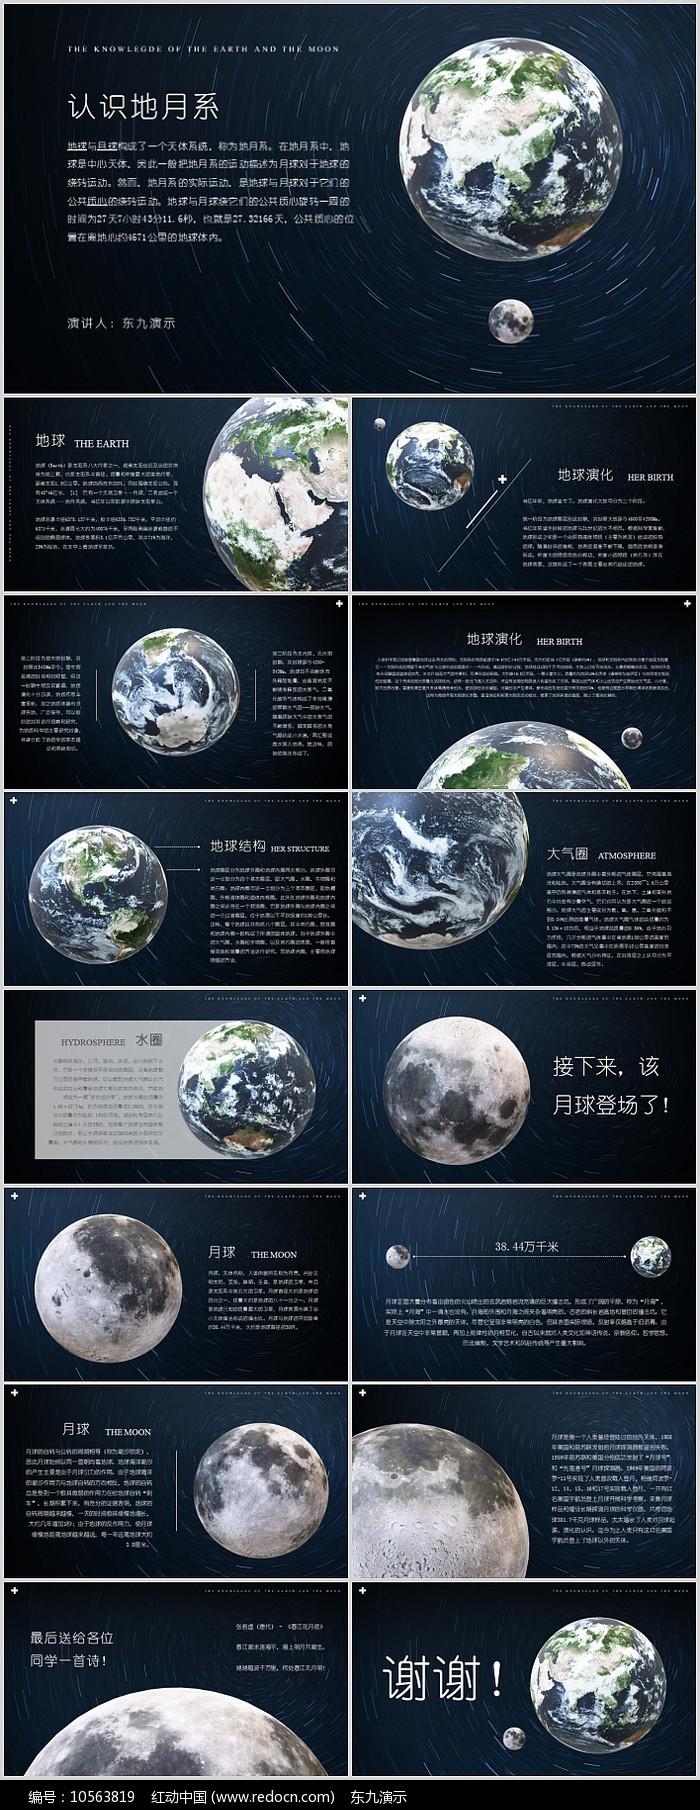 3d平滑动态地月知识教育PPT模板图片